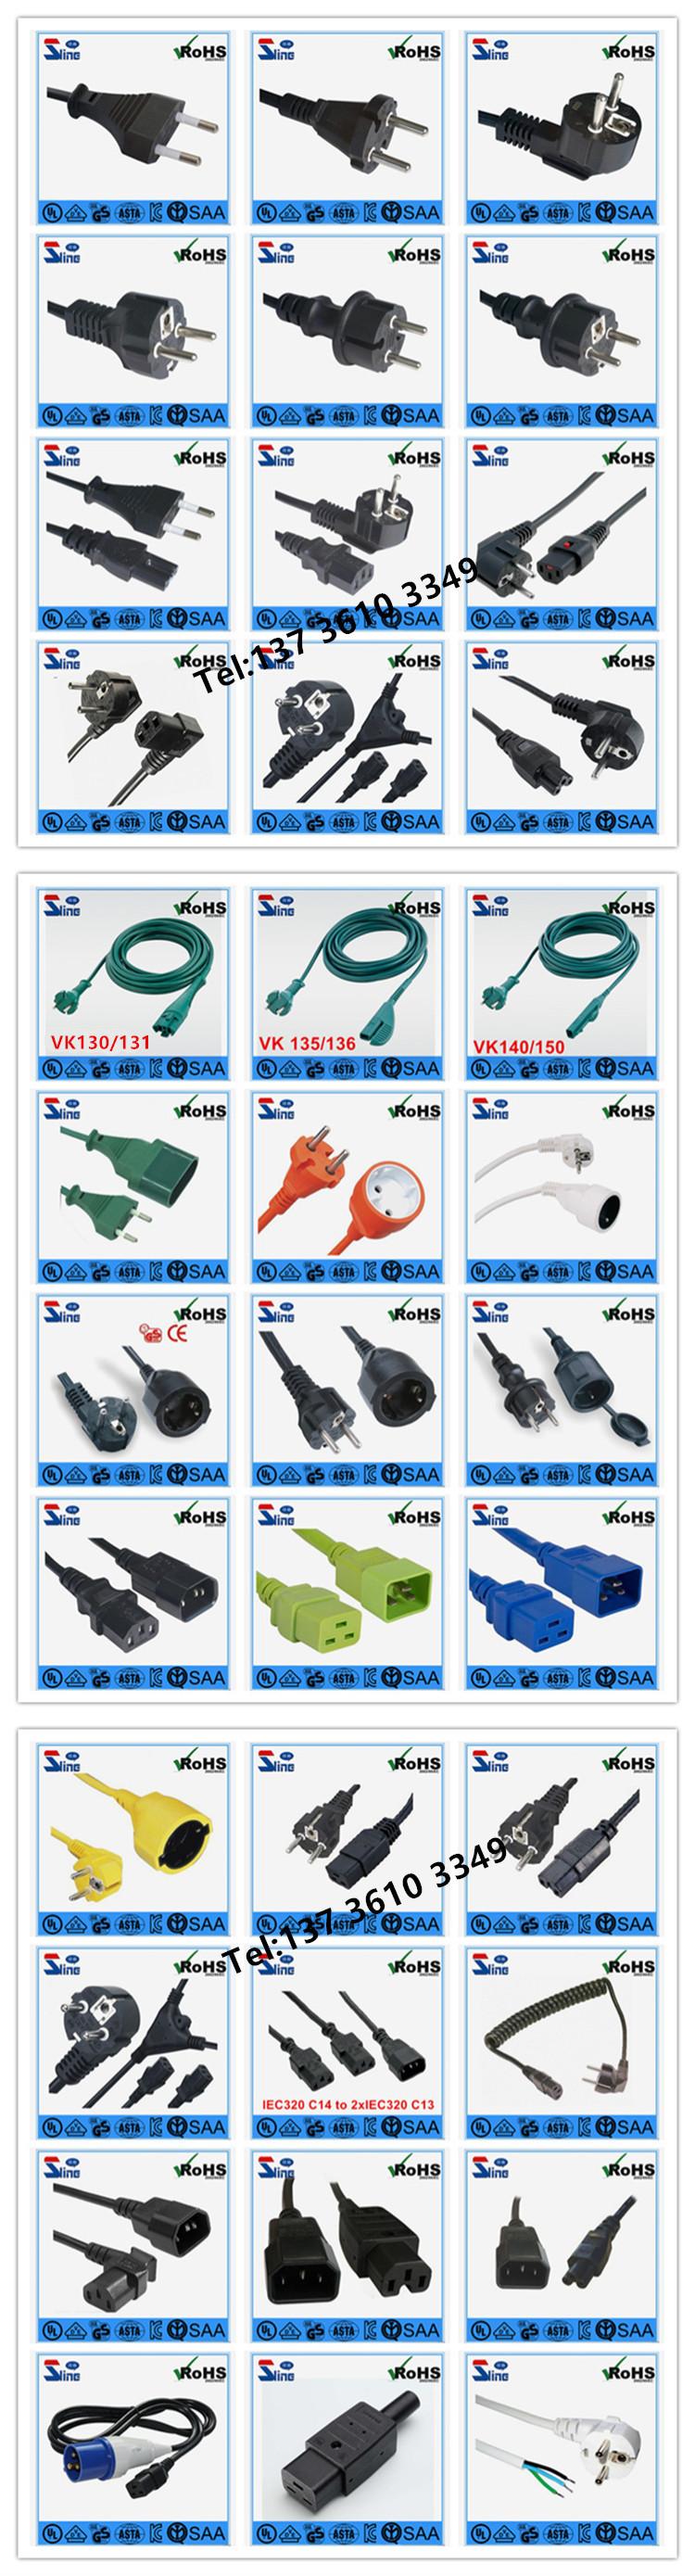 Ip44 europe waterproof power cord plug with vde certification ip44 europe waterproof power cord plug with vde certification xflitez Choice Image